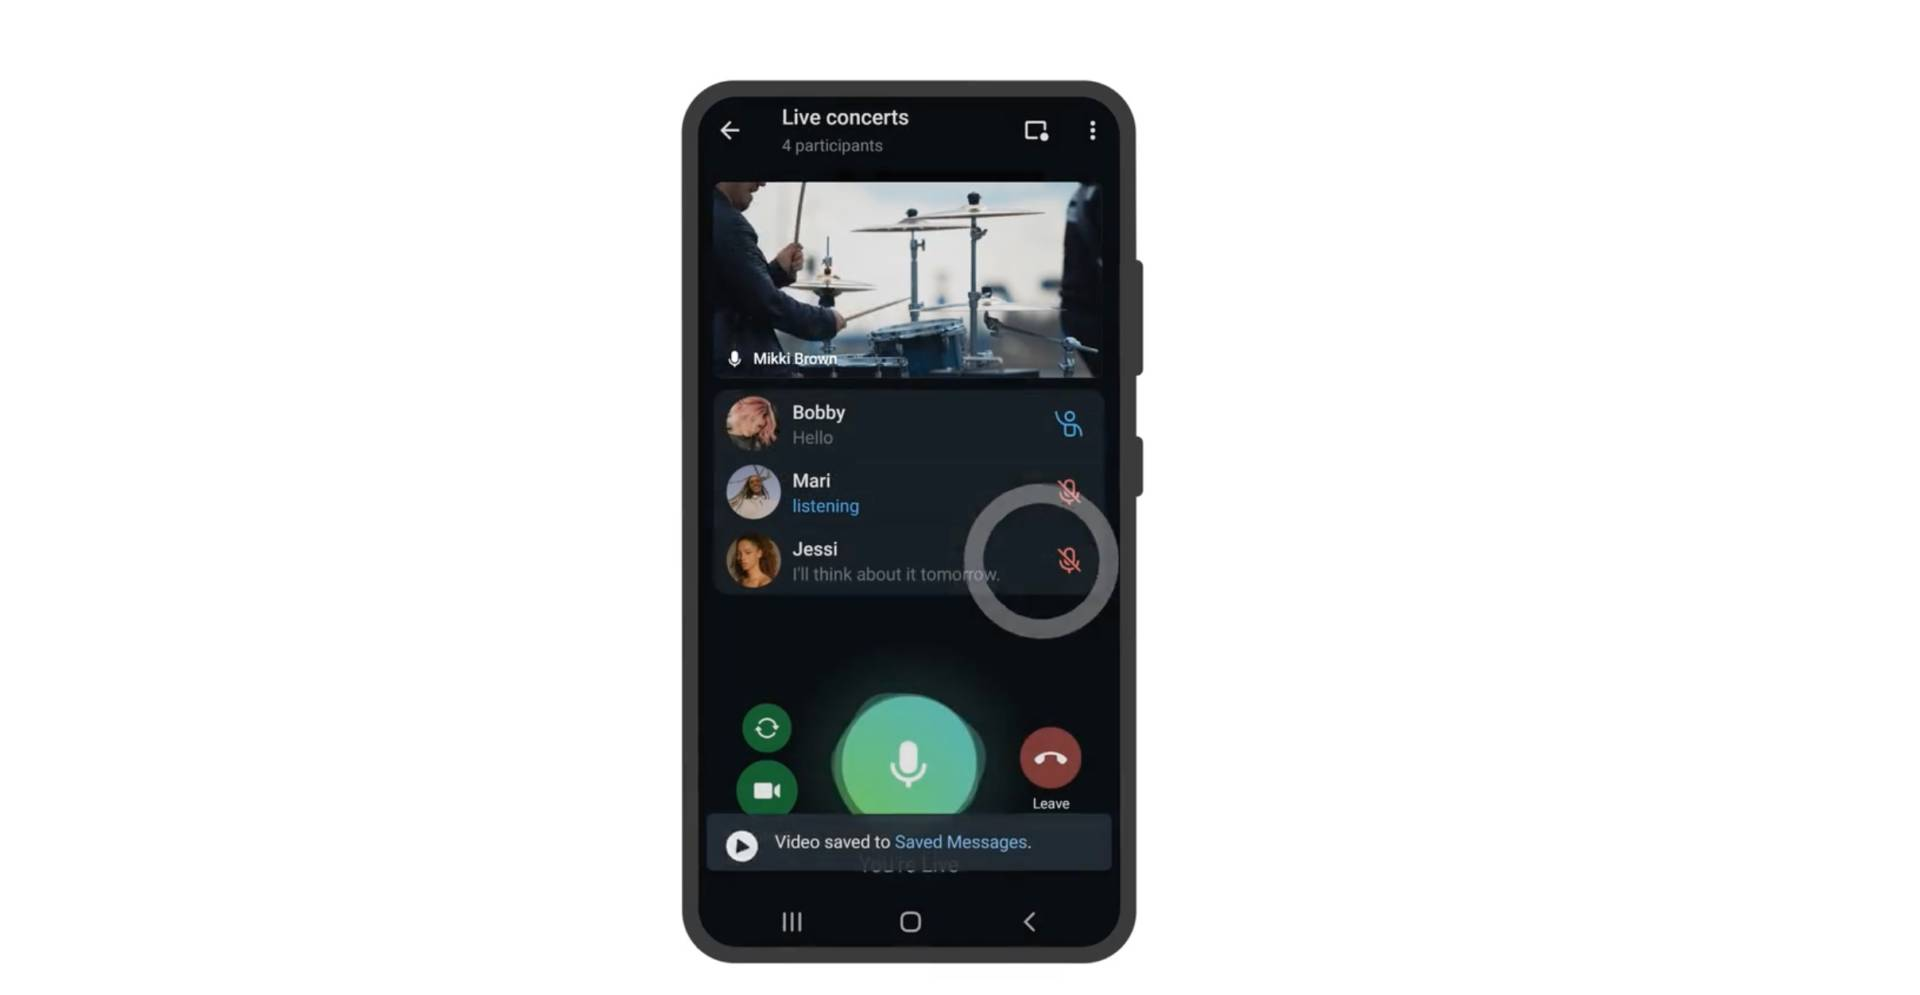 Registrazione delle dirette streaming: tutte le novità dell'aggiornamento Telegram